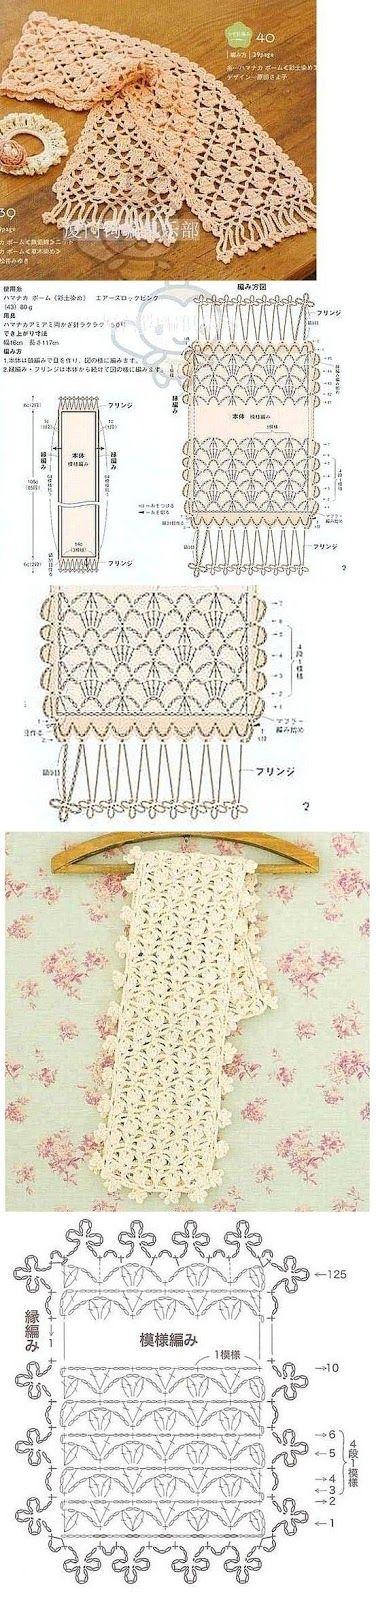 Kira scheme crochet: Scheme crochet no. 1175